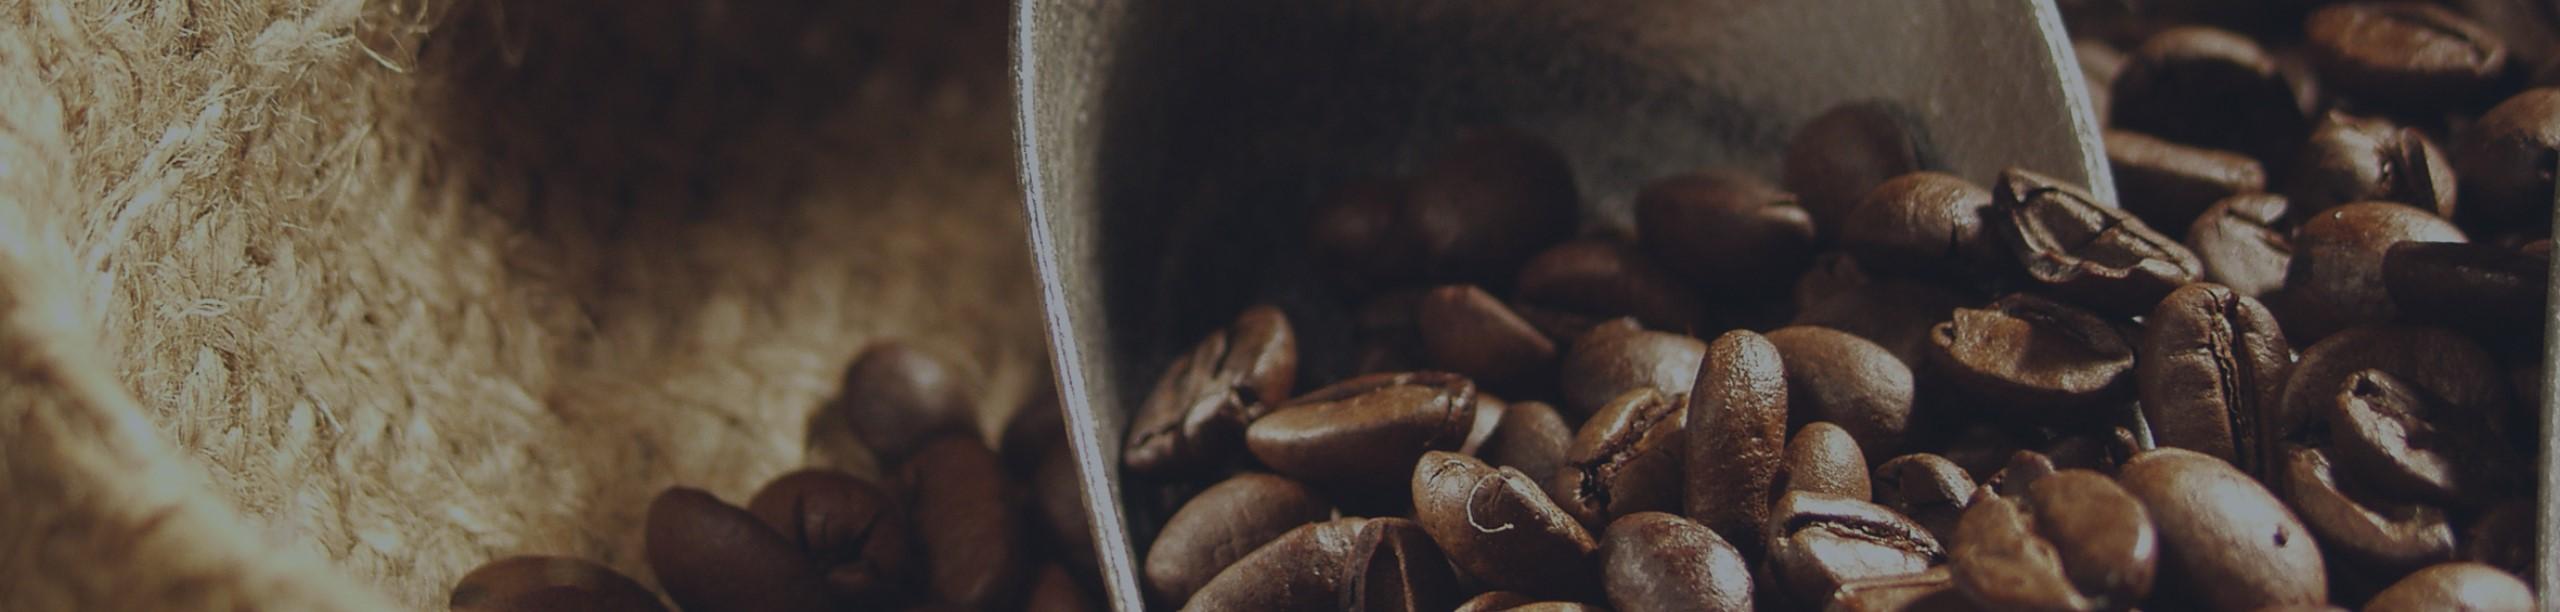 Coffee1-3